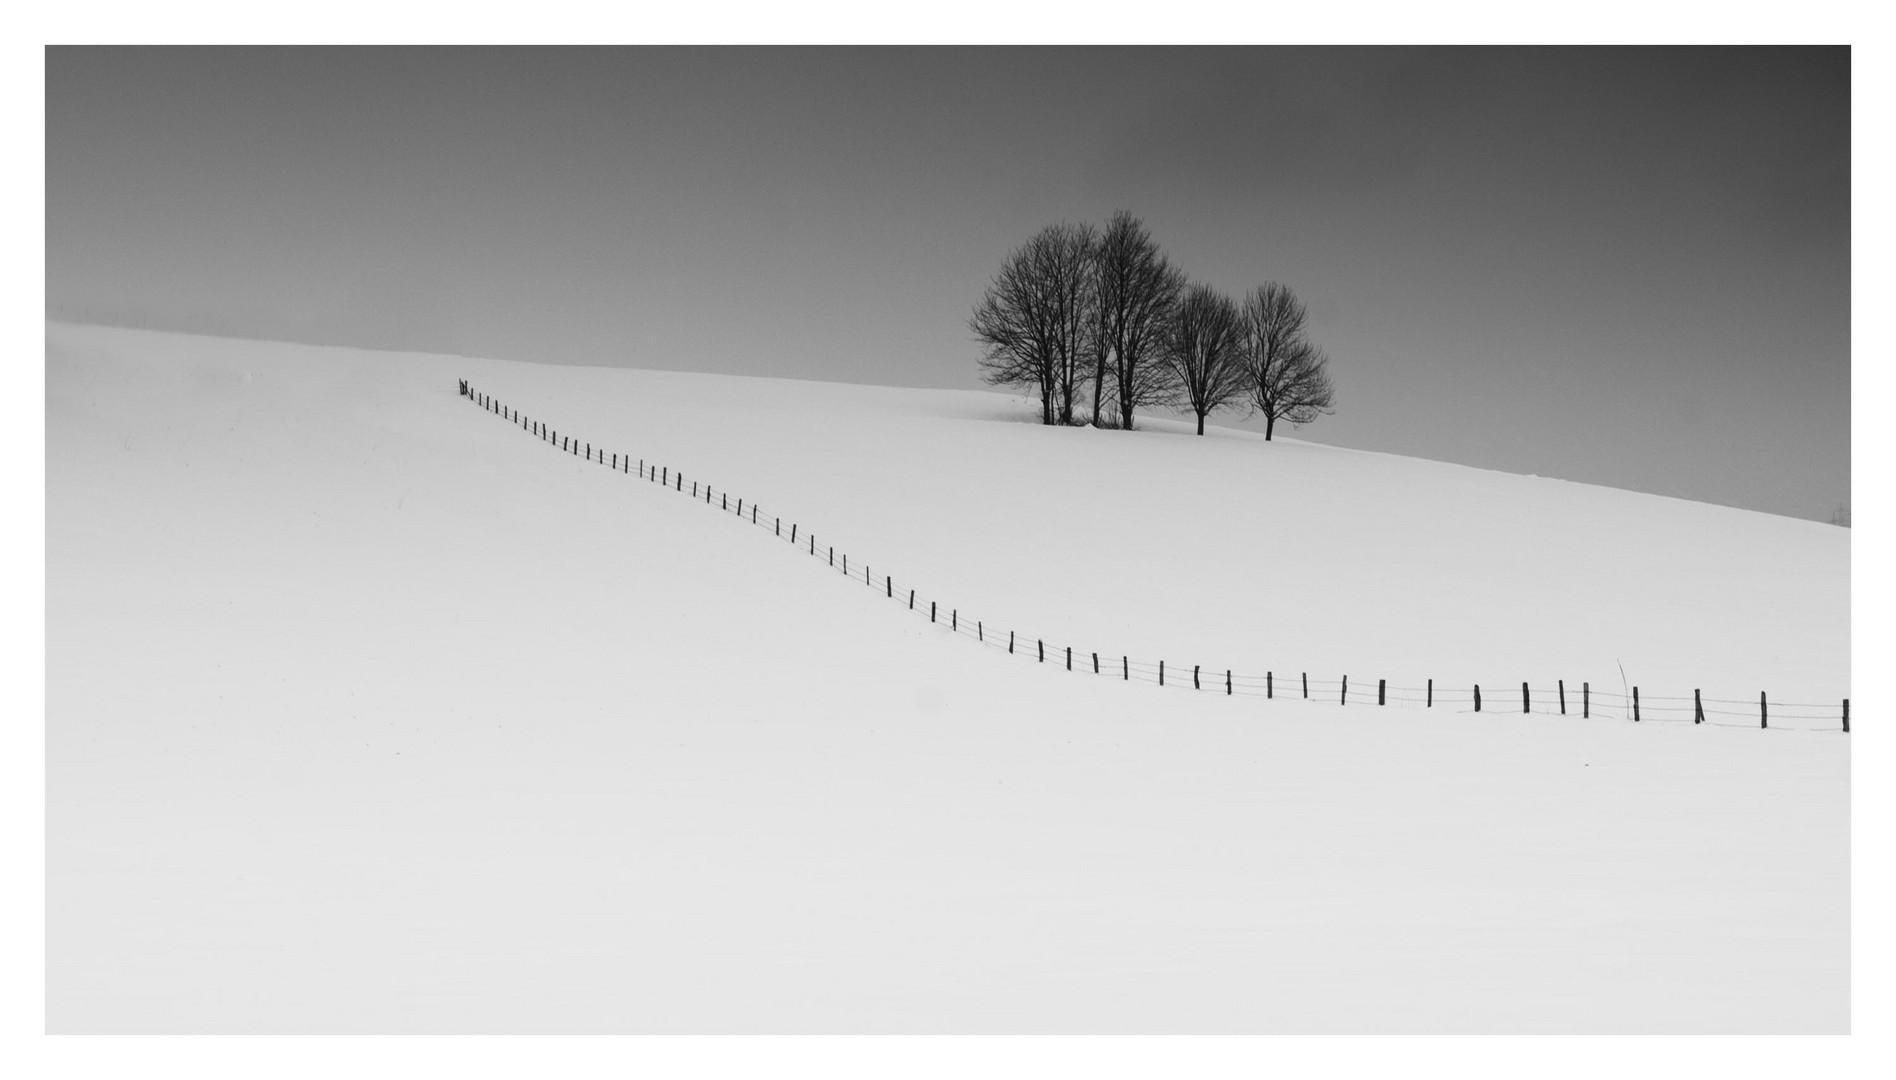 Winter im bayerischen Voralpengebiet